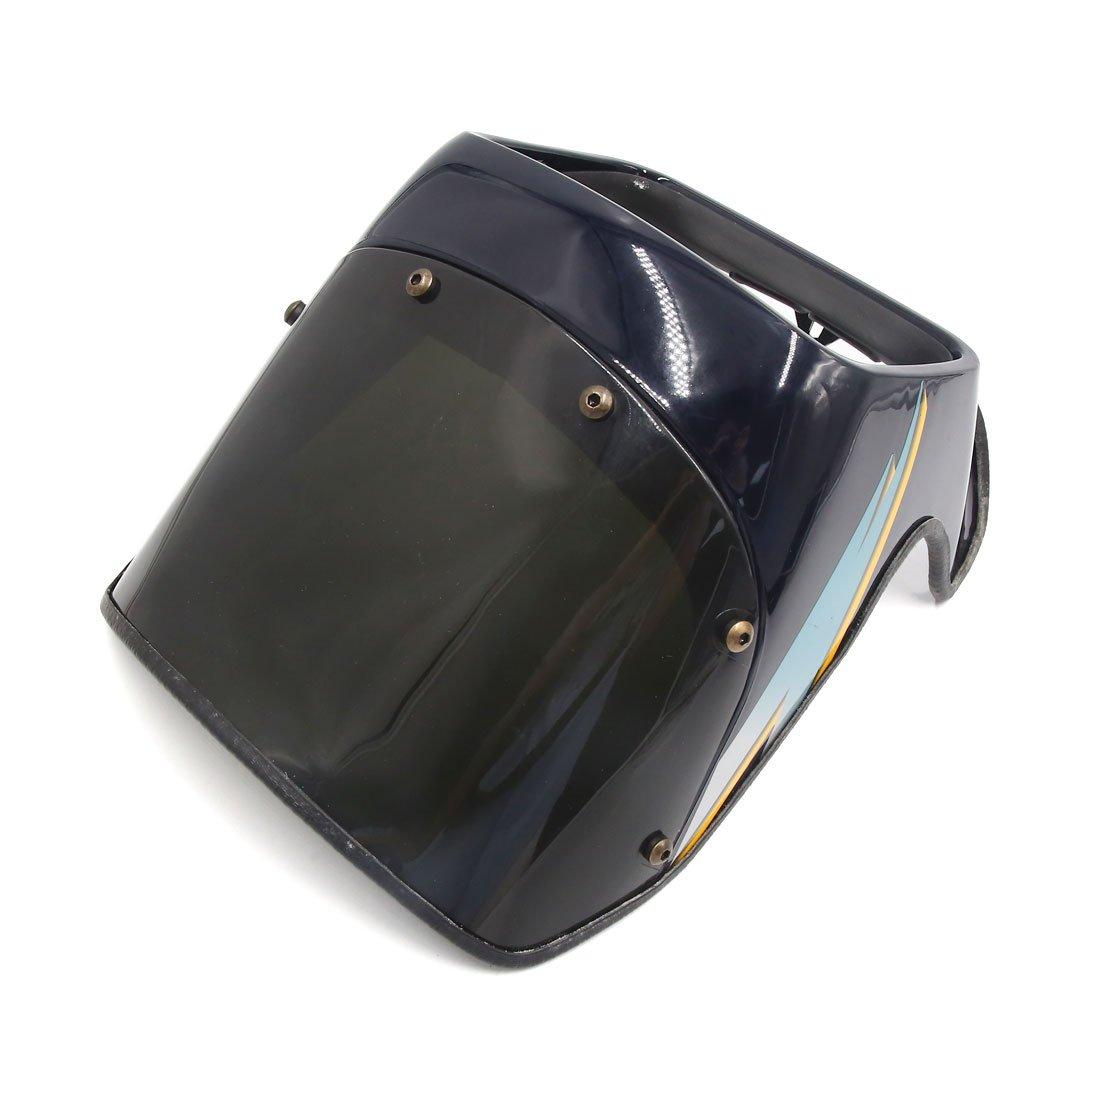 Uxcell noir en plastique moto phare couverture visière Instrument carénage masque pour GS125